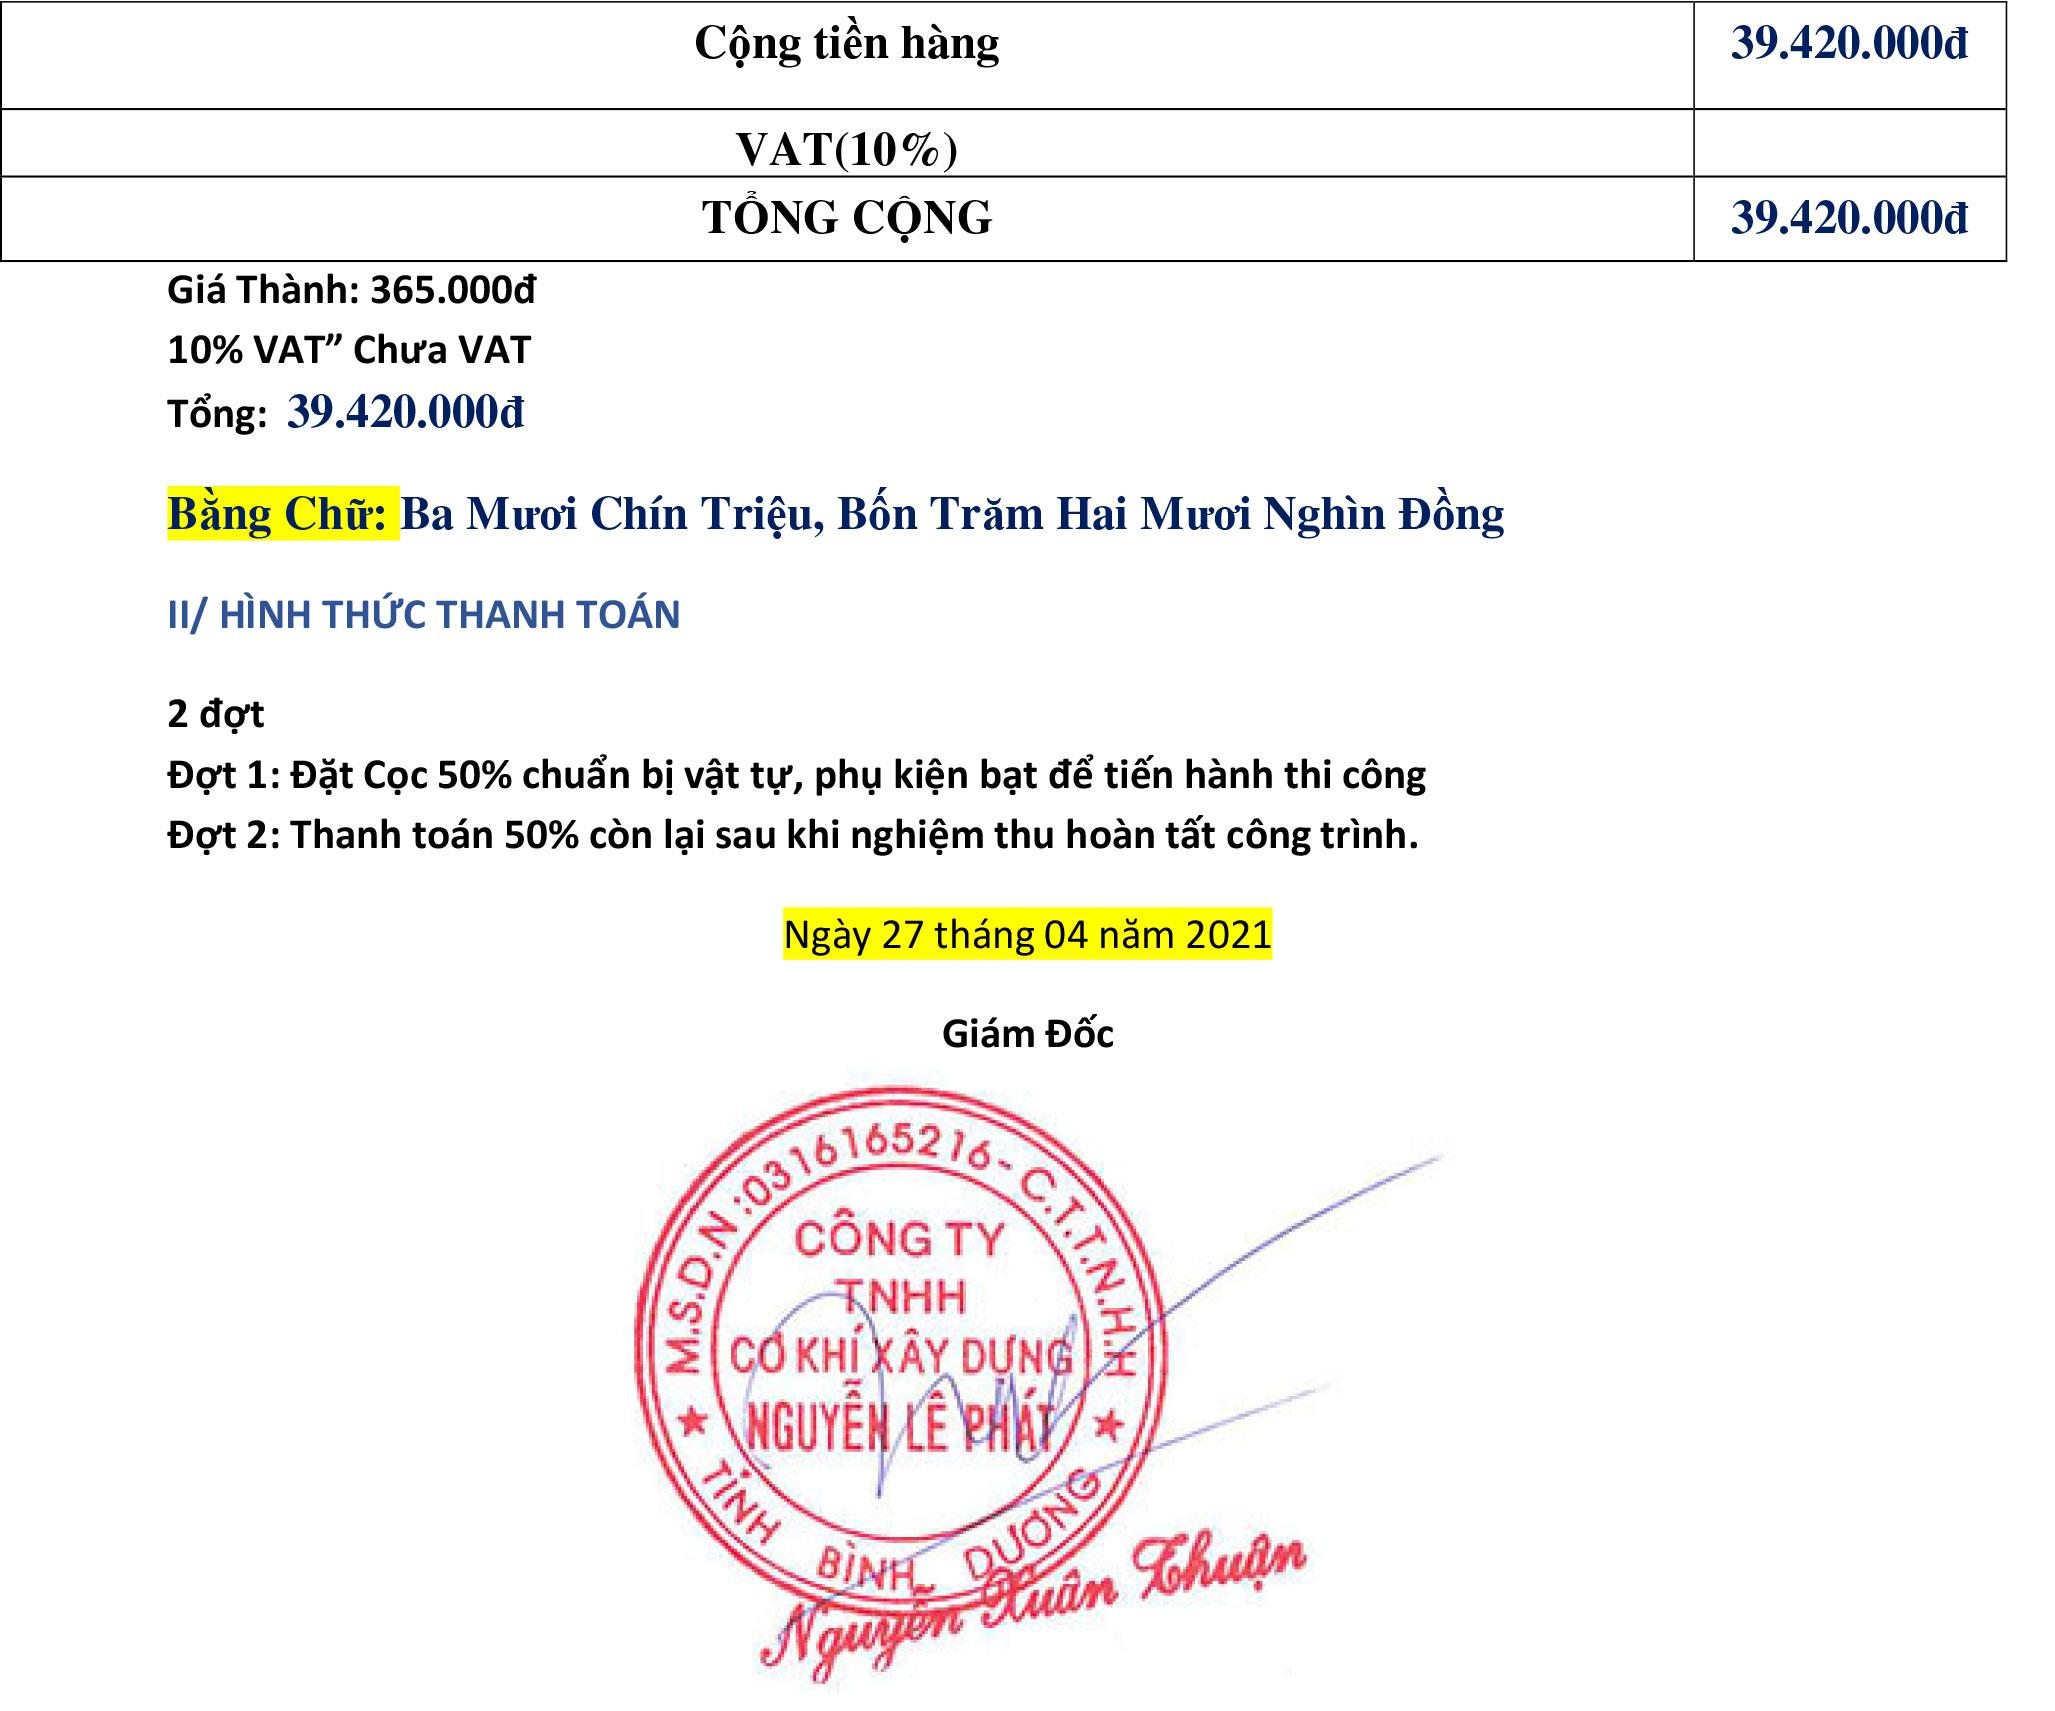 Báo giá bạt xếp Nguyễn Lê Phát